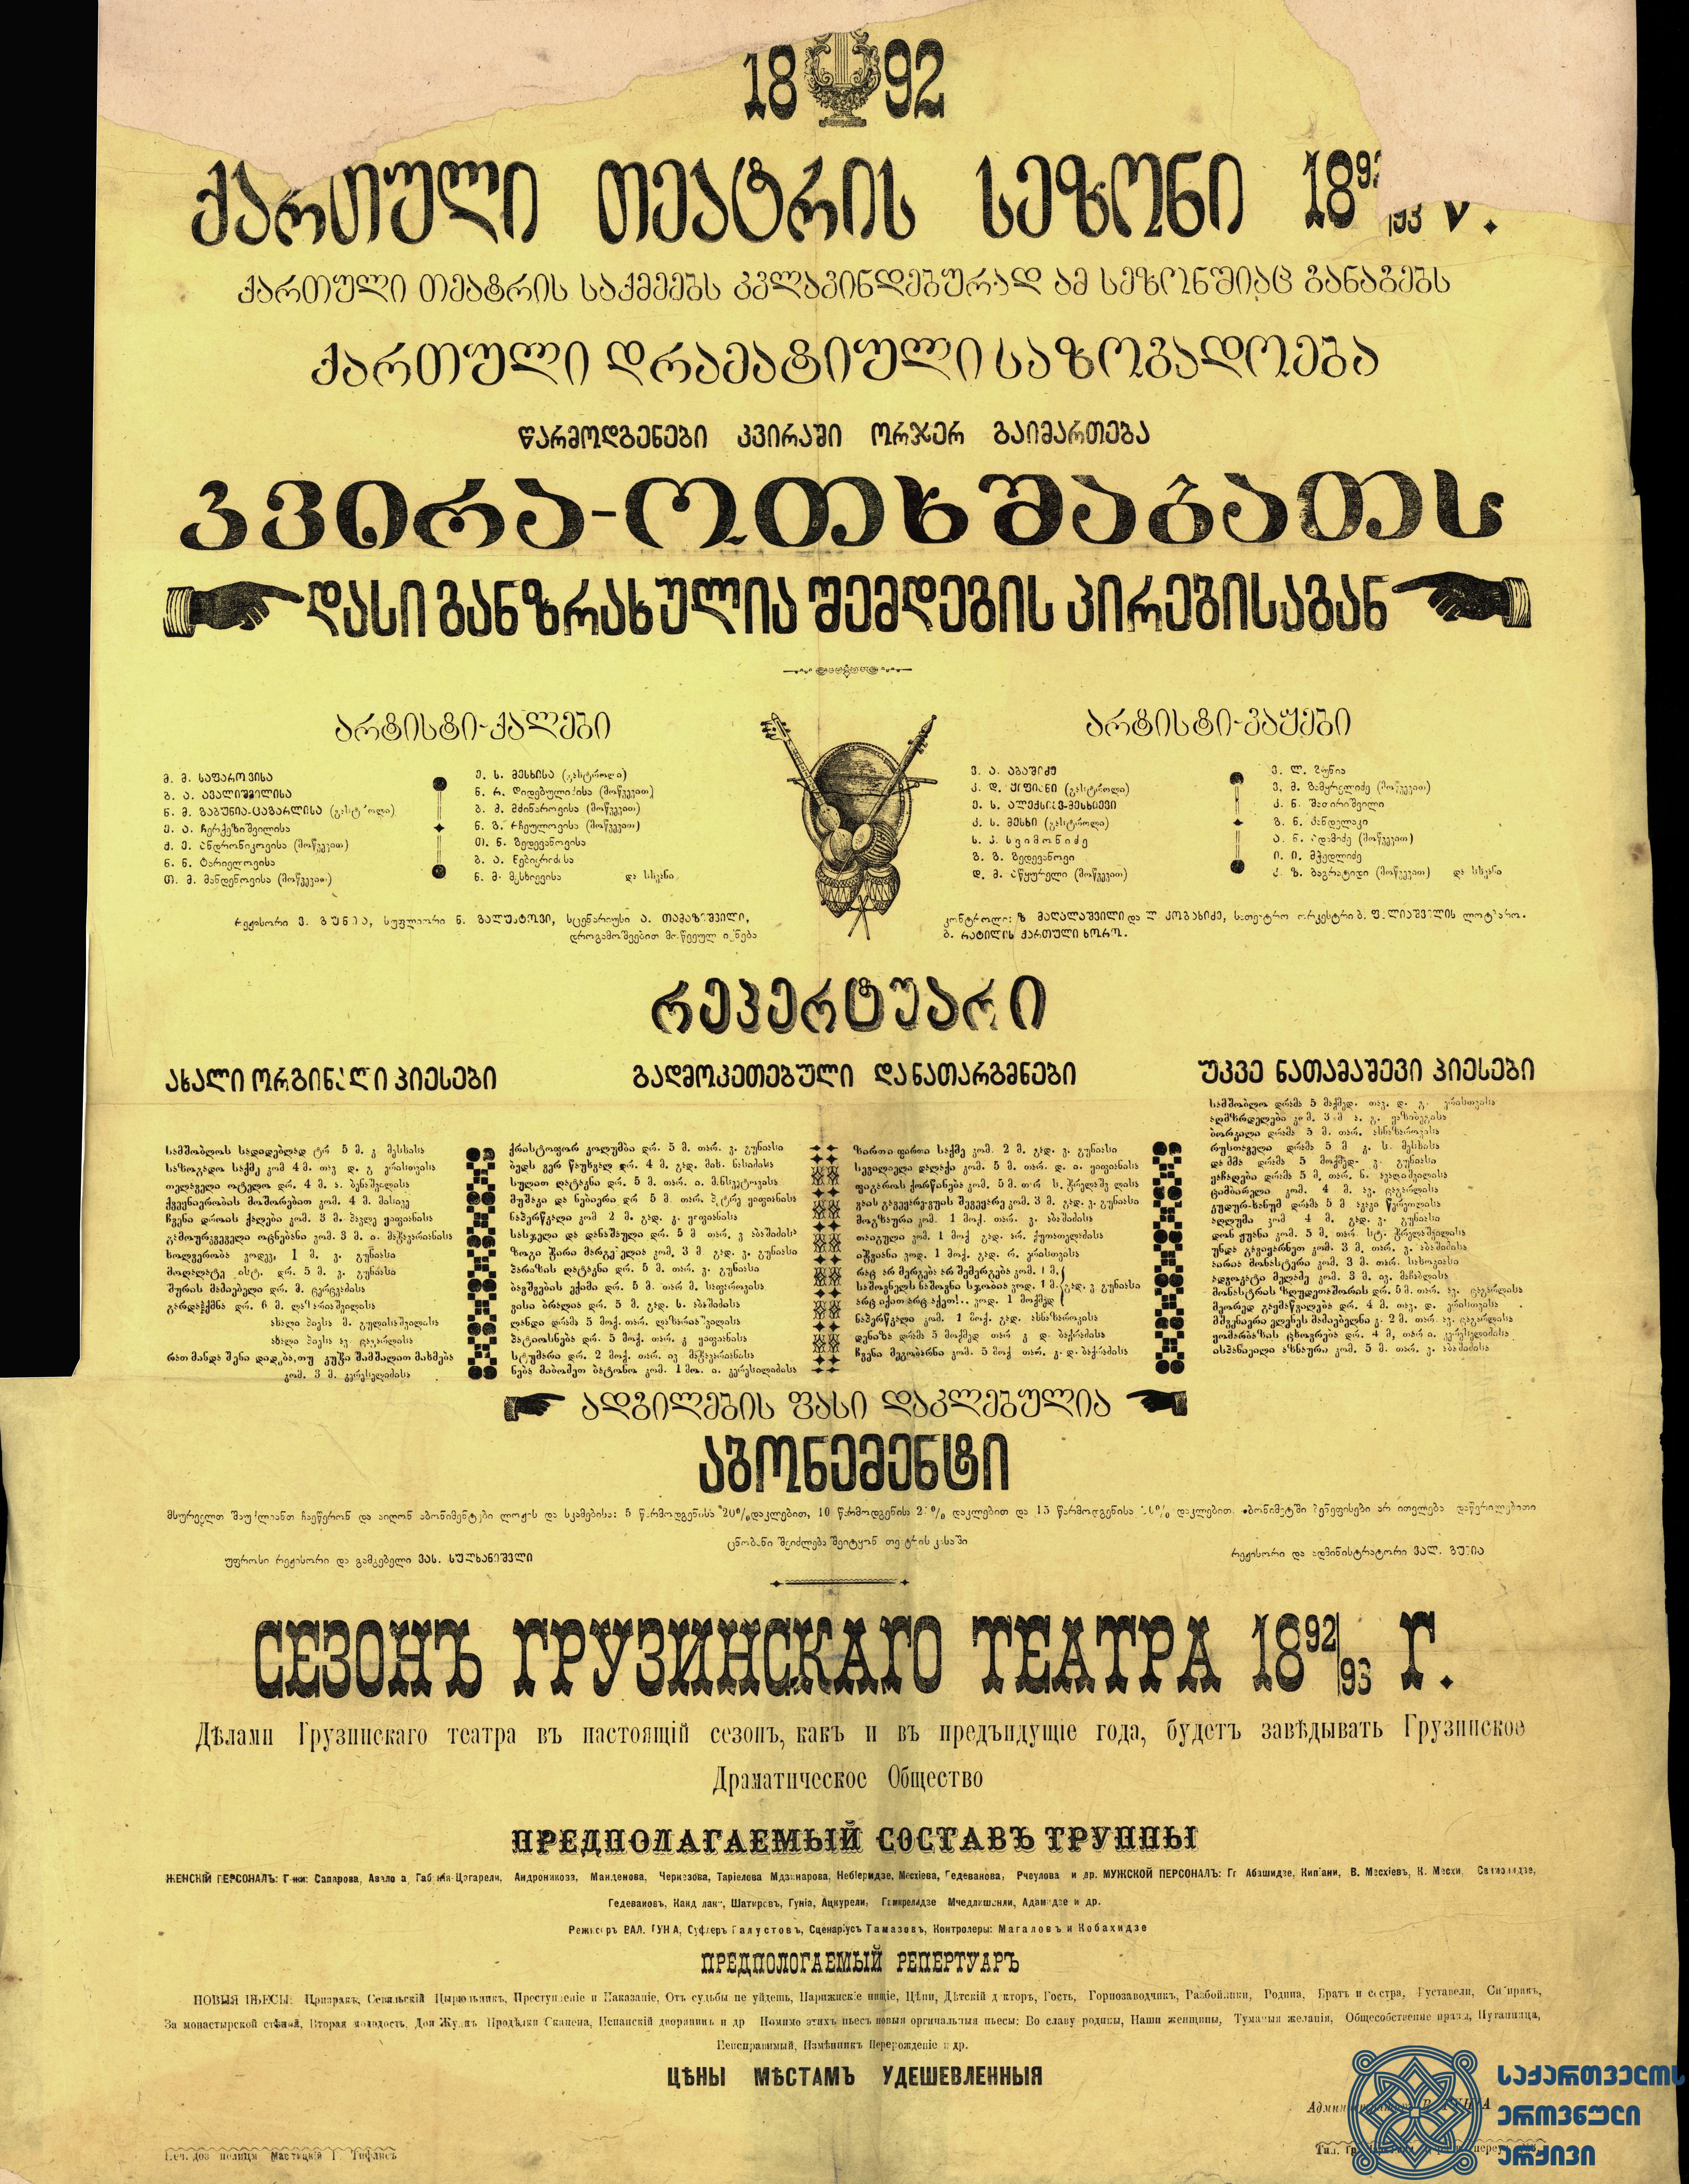 ქართული დრამატული საზოგადოების დასის რეპერტუარი.<br> 1892 წლის სეზონი.<br> The Georgian Drama Society troupe repertoire.<br> 1892 season.